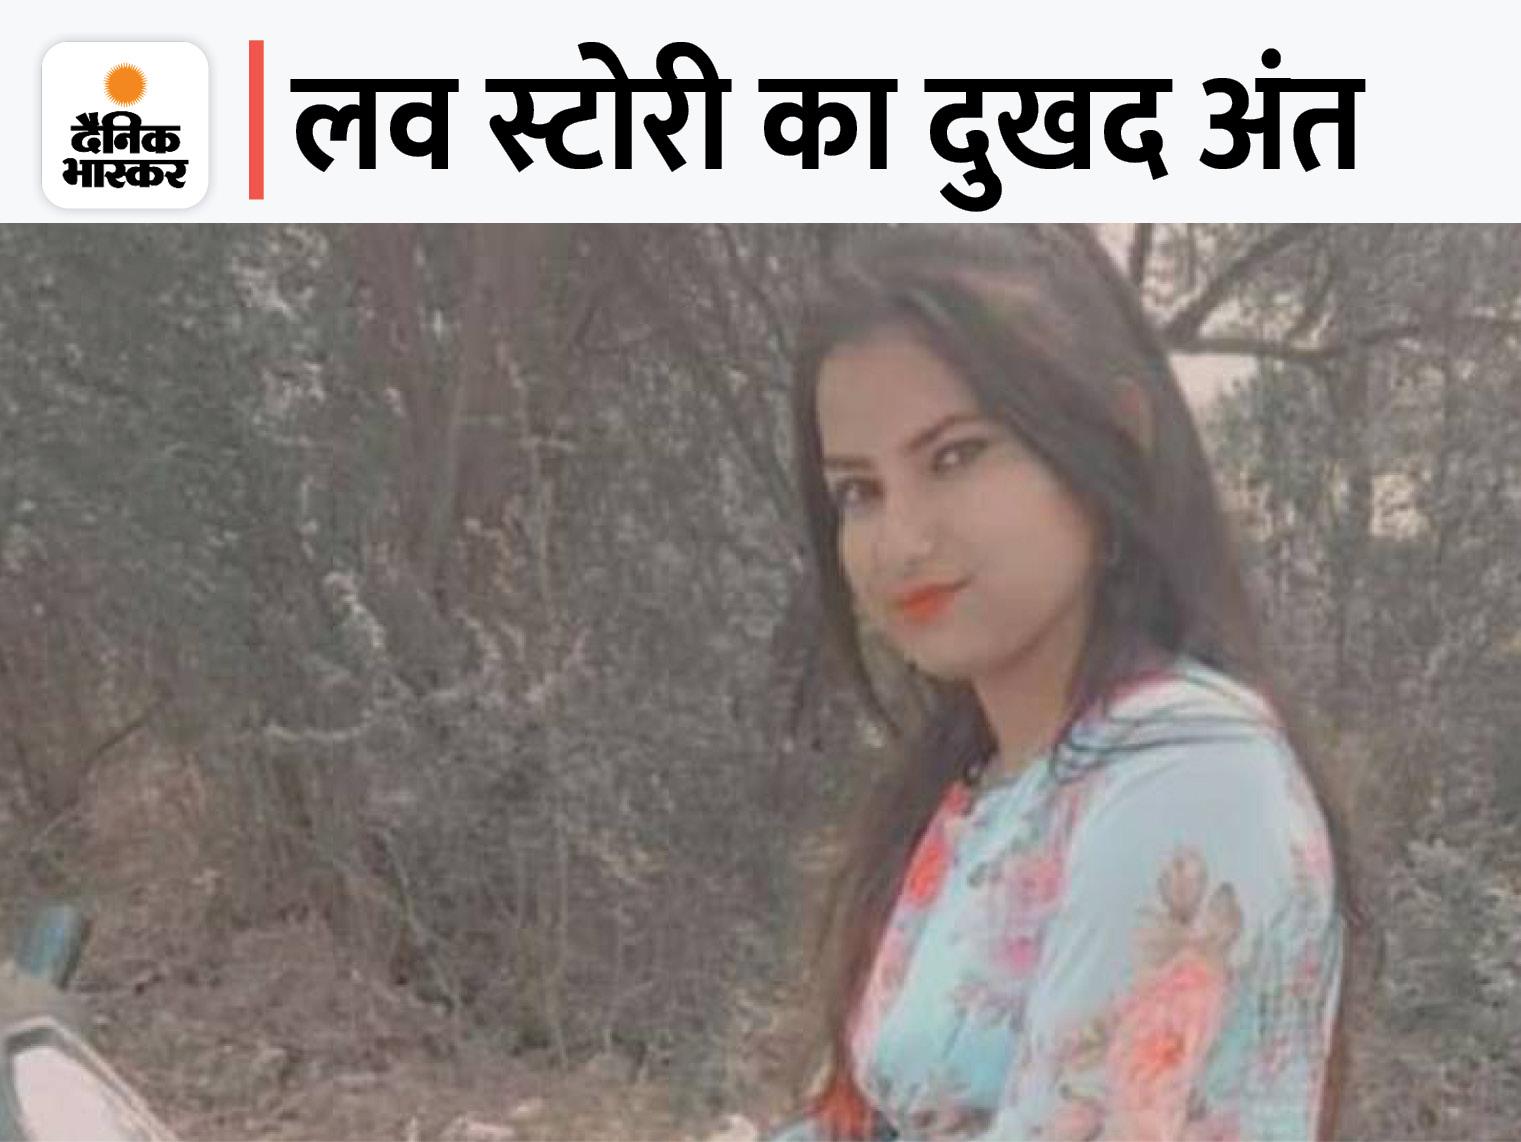 ग्वालियर में 3 महीने की दोस्ती फिर प्यार, परिवार से लड़कर की शादी; रात में पति से बहस के बाद फंदे पर झूल गई युवती|ग्वालियर,Gwalior - Dainik Bhaskar